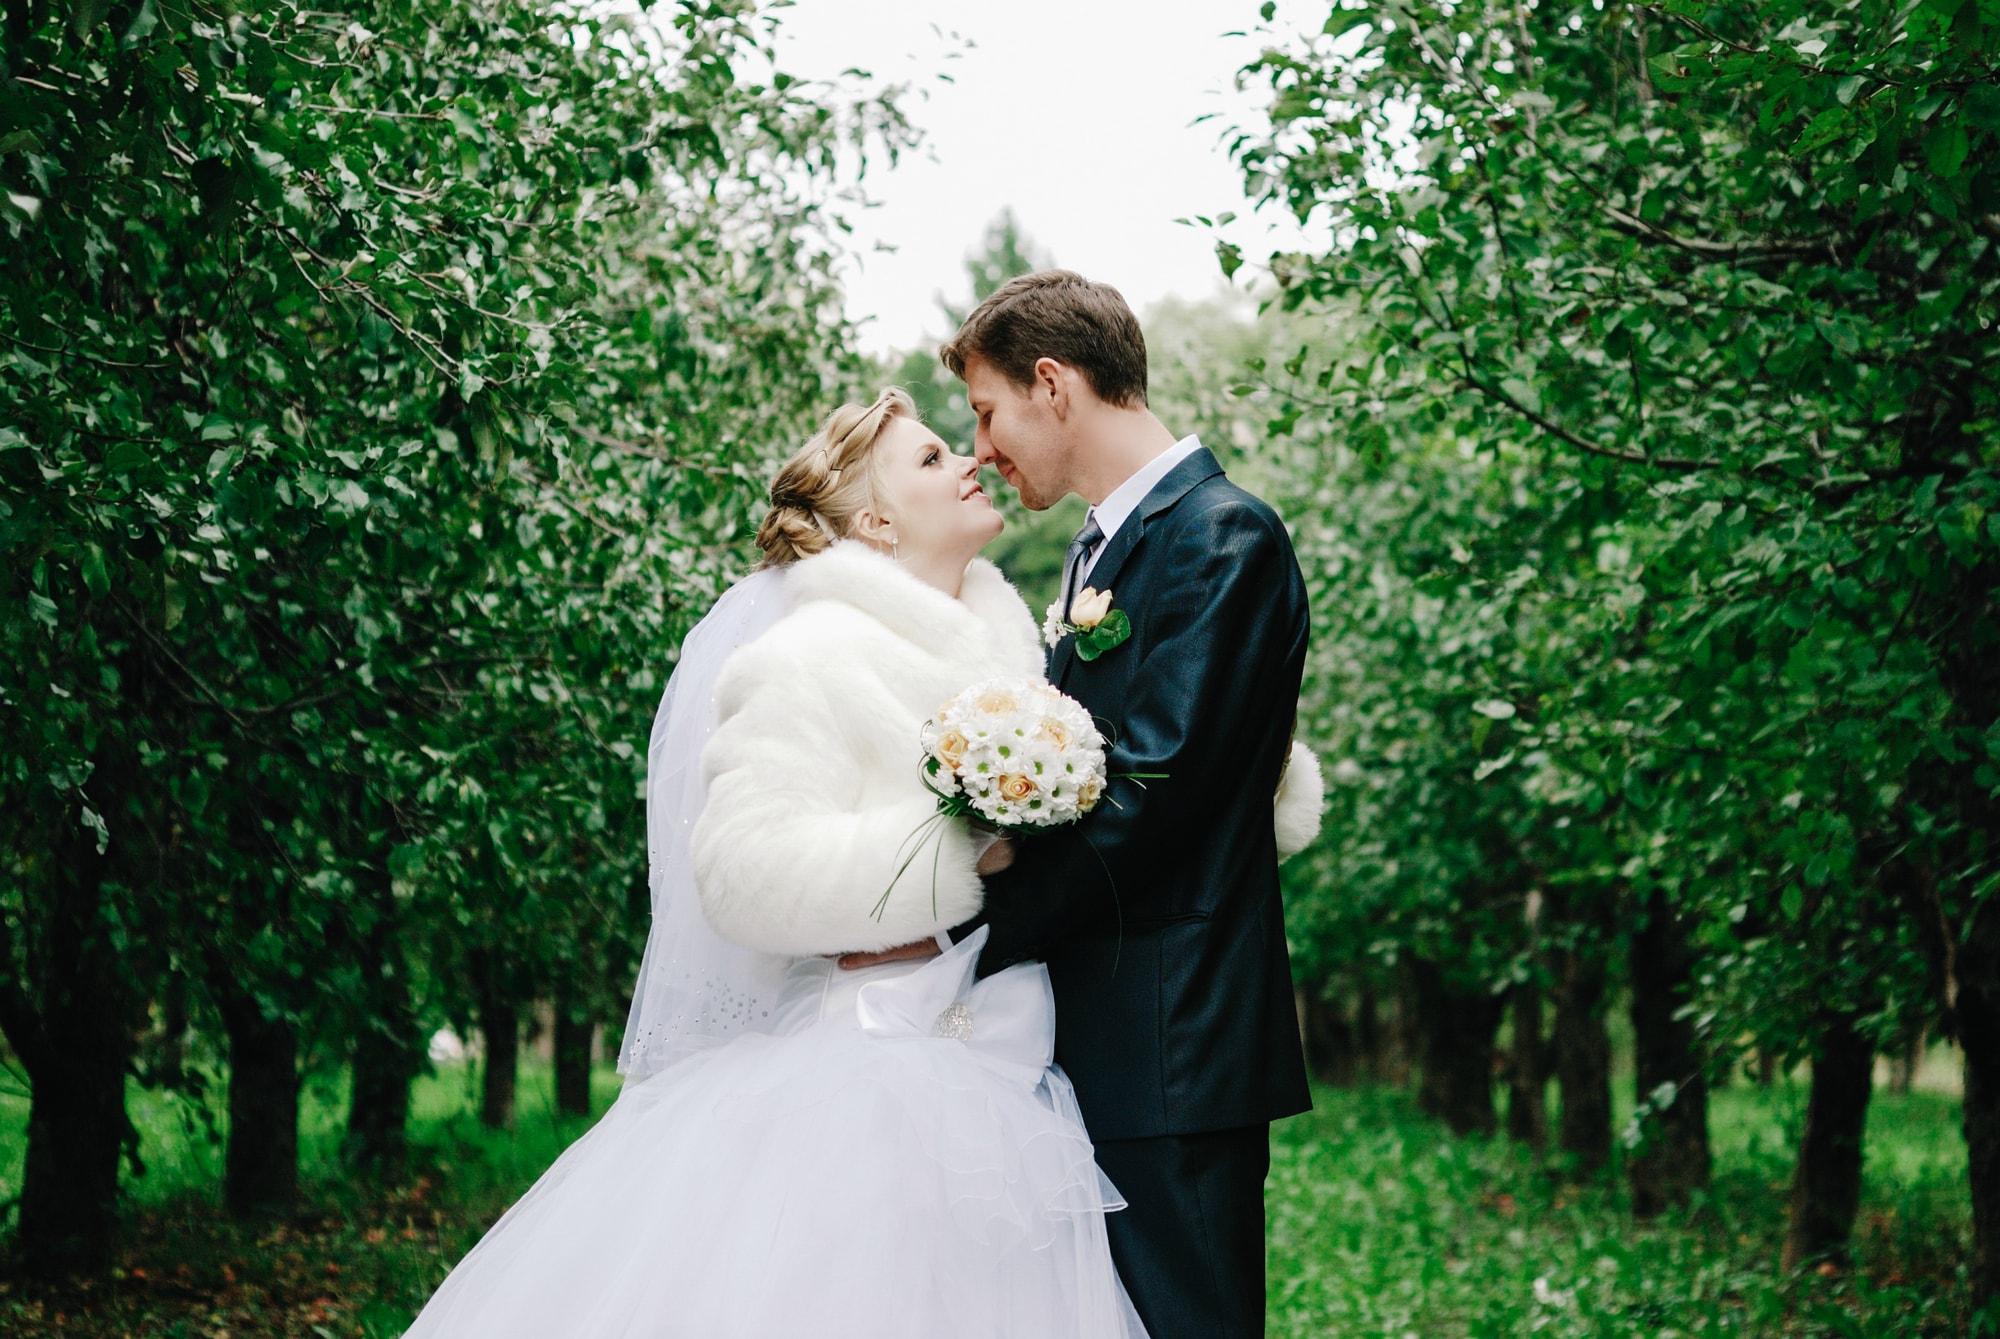 Светлая обработка свадебных фотографий учту